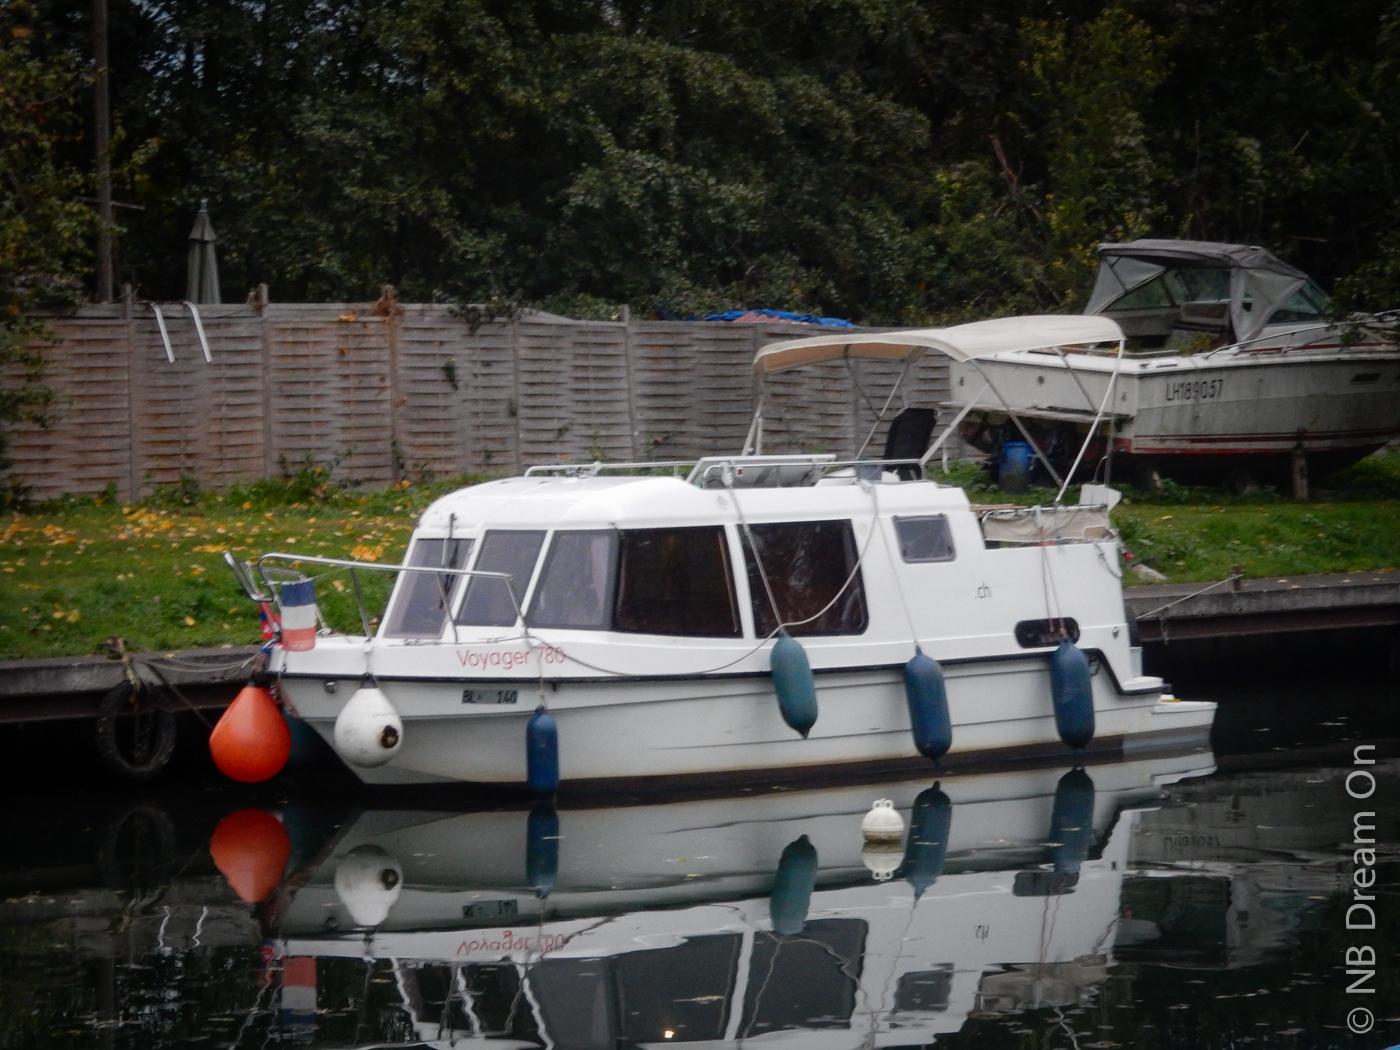 narrowboat dream on voyager 780 un bateau lectrique dans le port. Black Bedroom Furniture Sets. Home Design Ideas